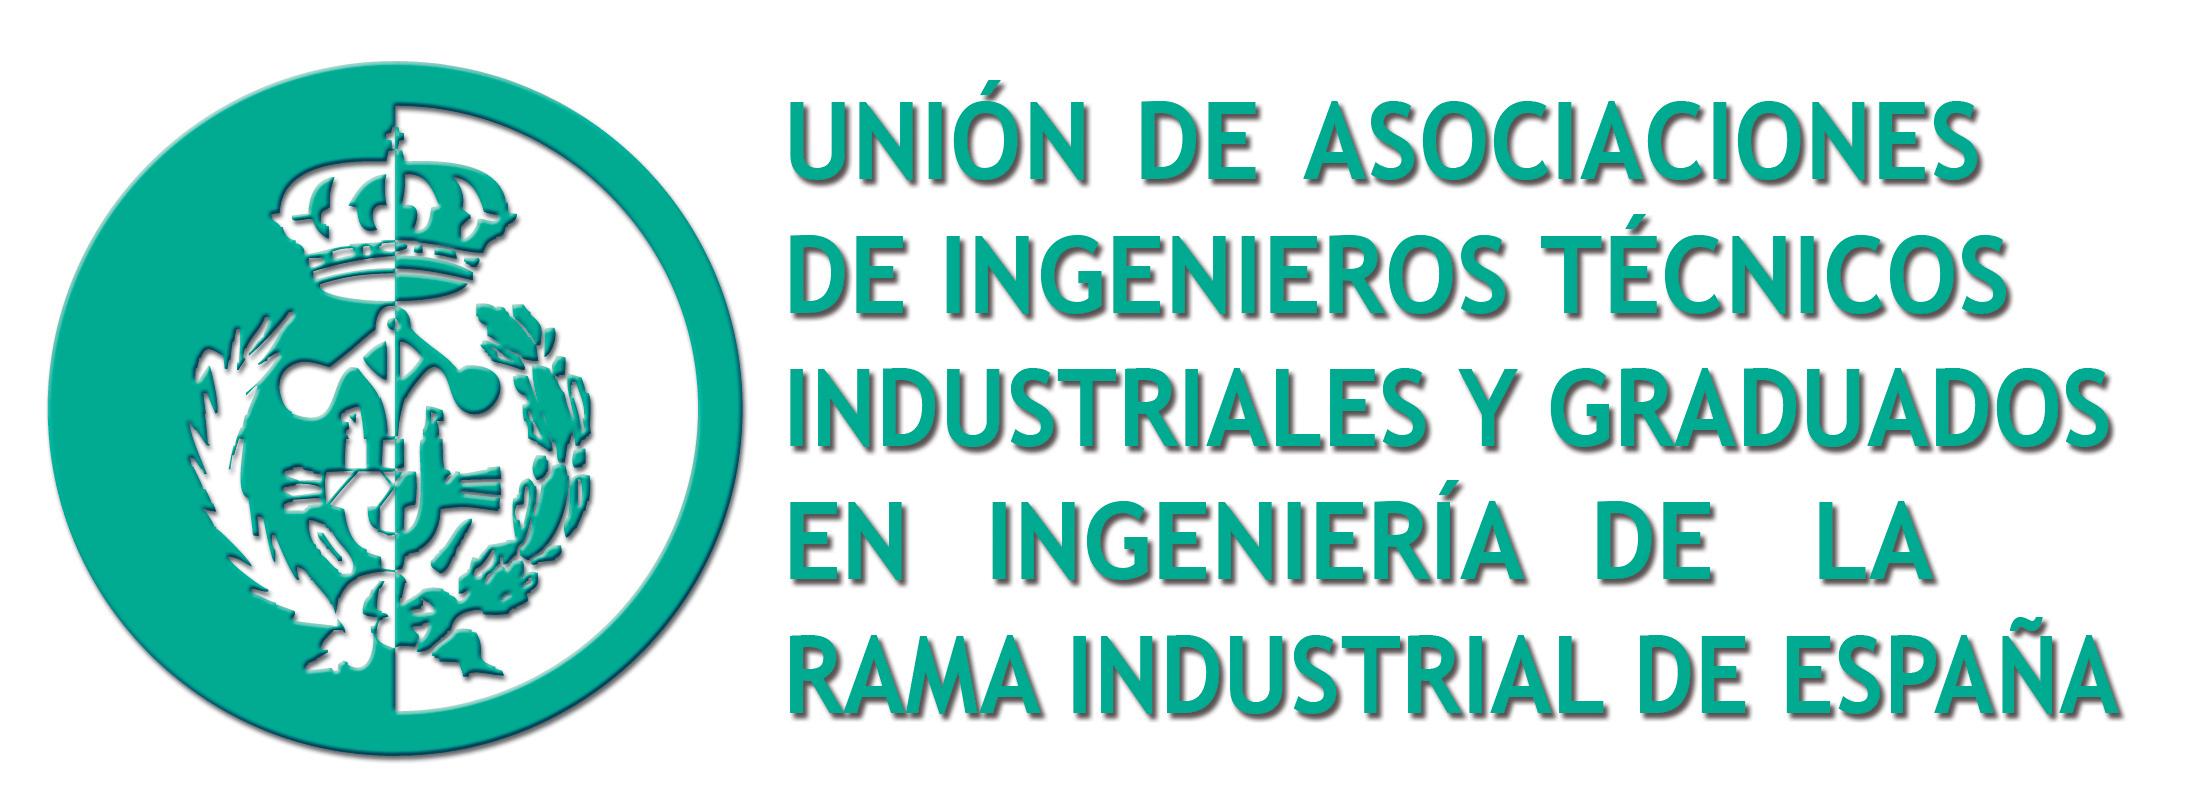 """UAITIE - Taller """"Políticas europeas de ayudas a las Pymes"""". Santander, 28 de noviembre de 2019"""